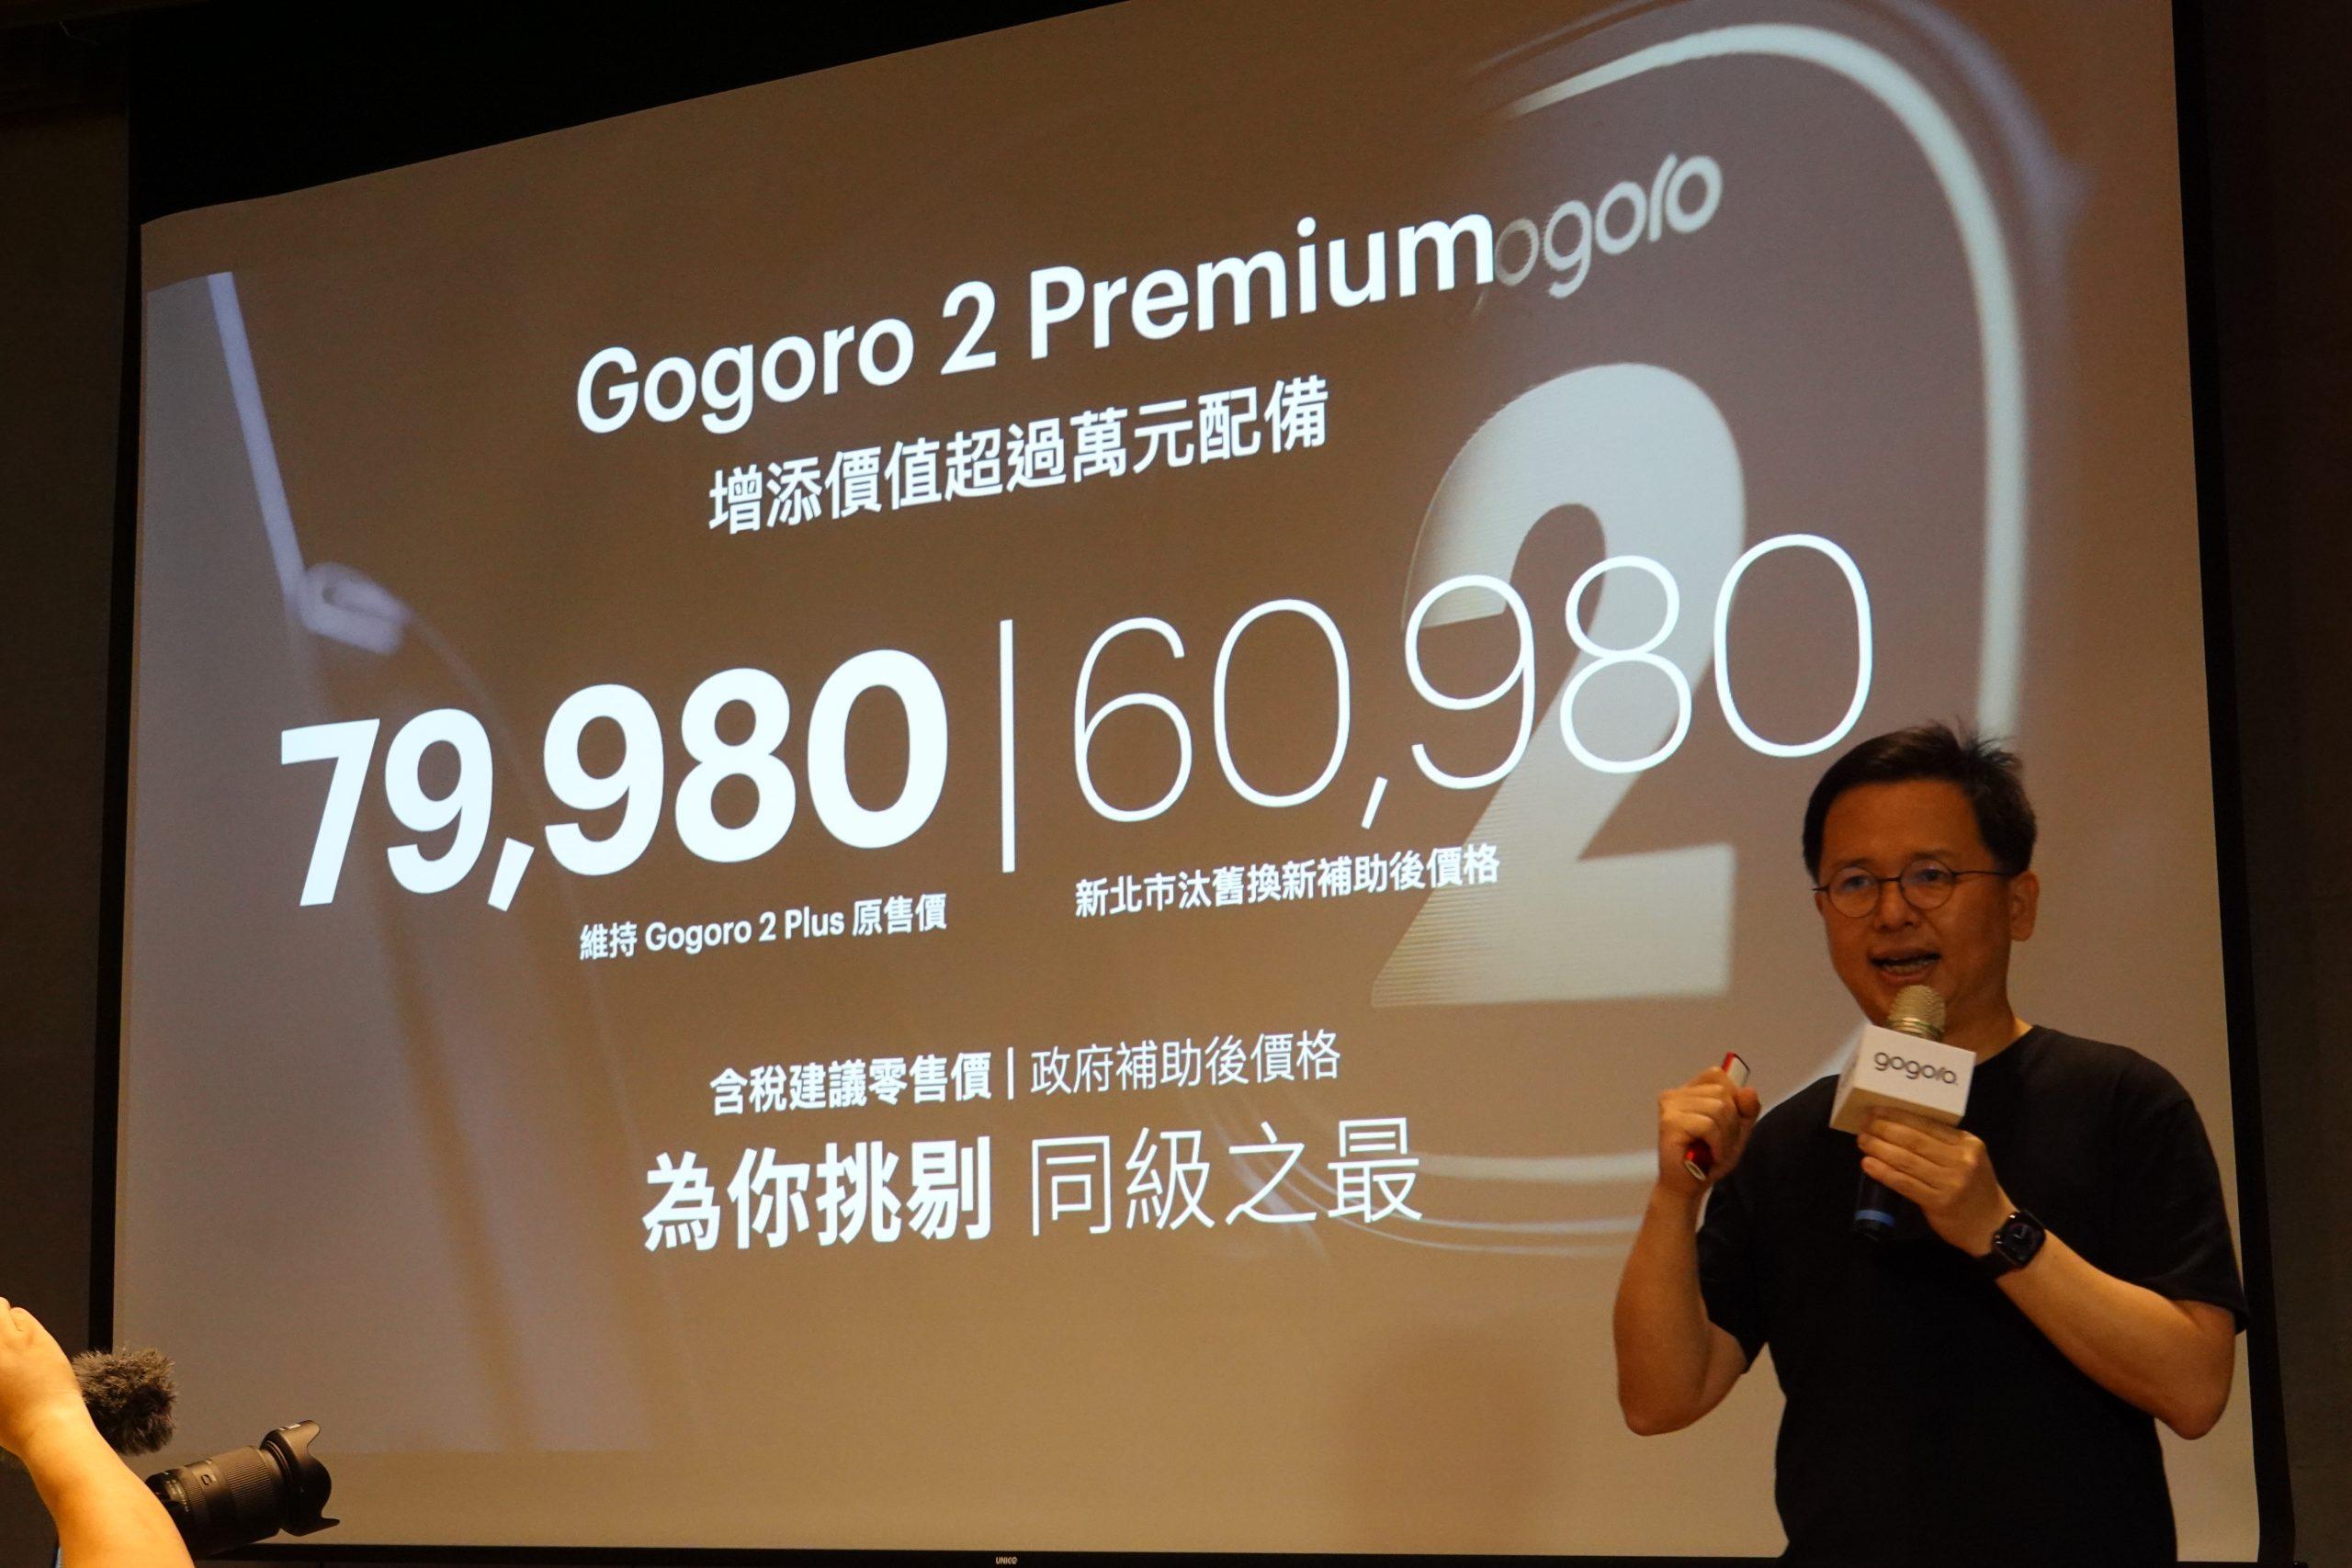 Gogoro 2 Premium